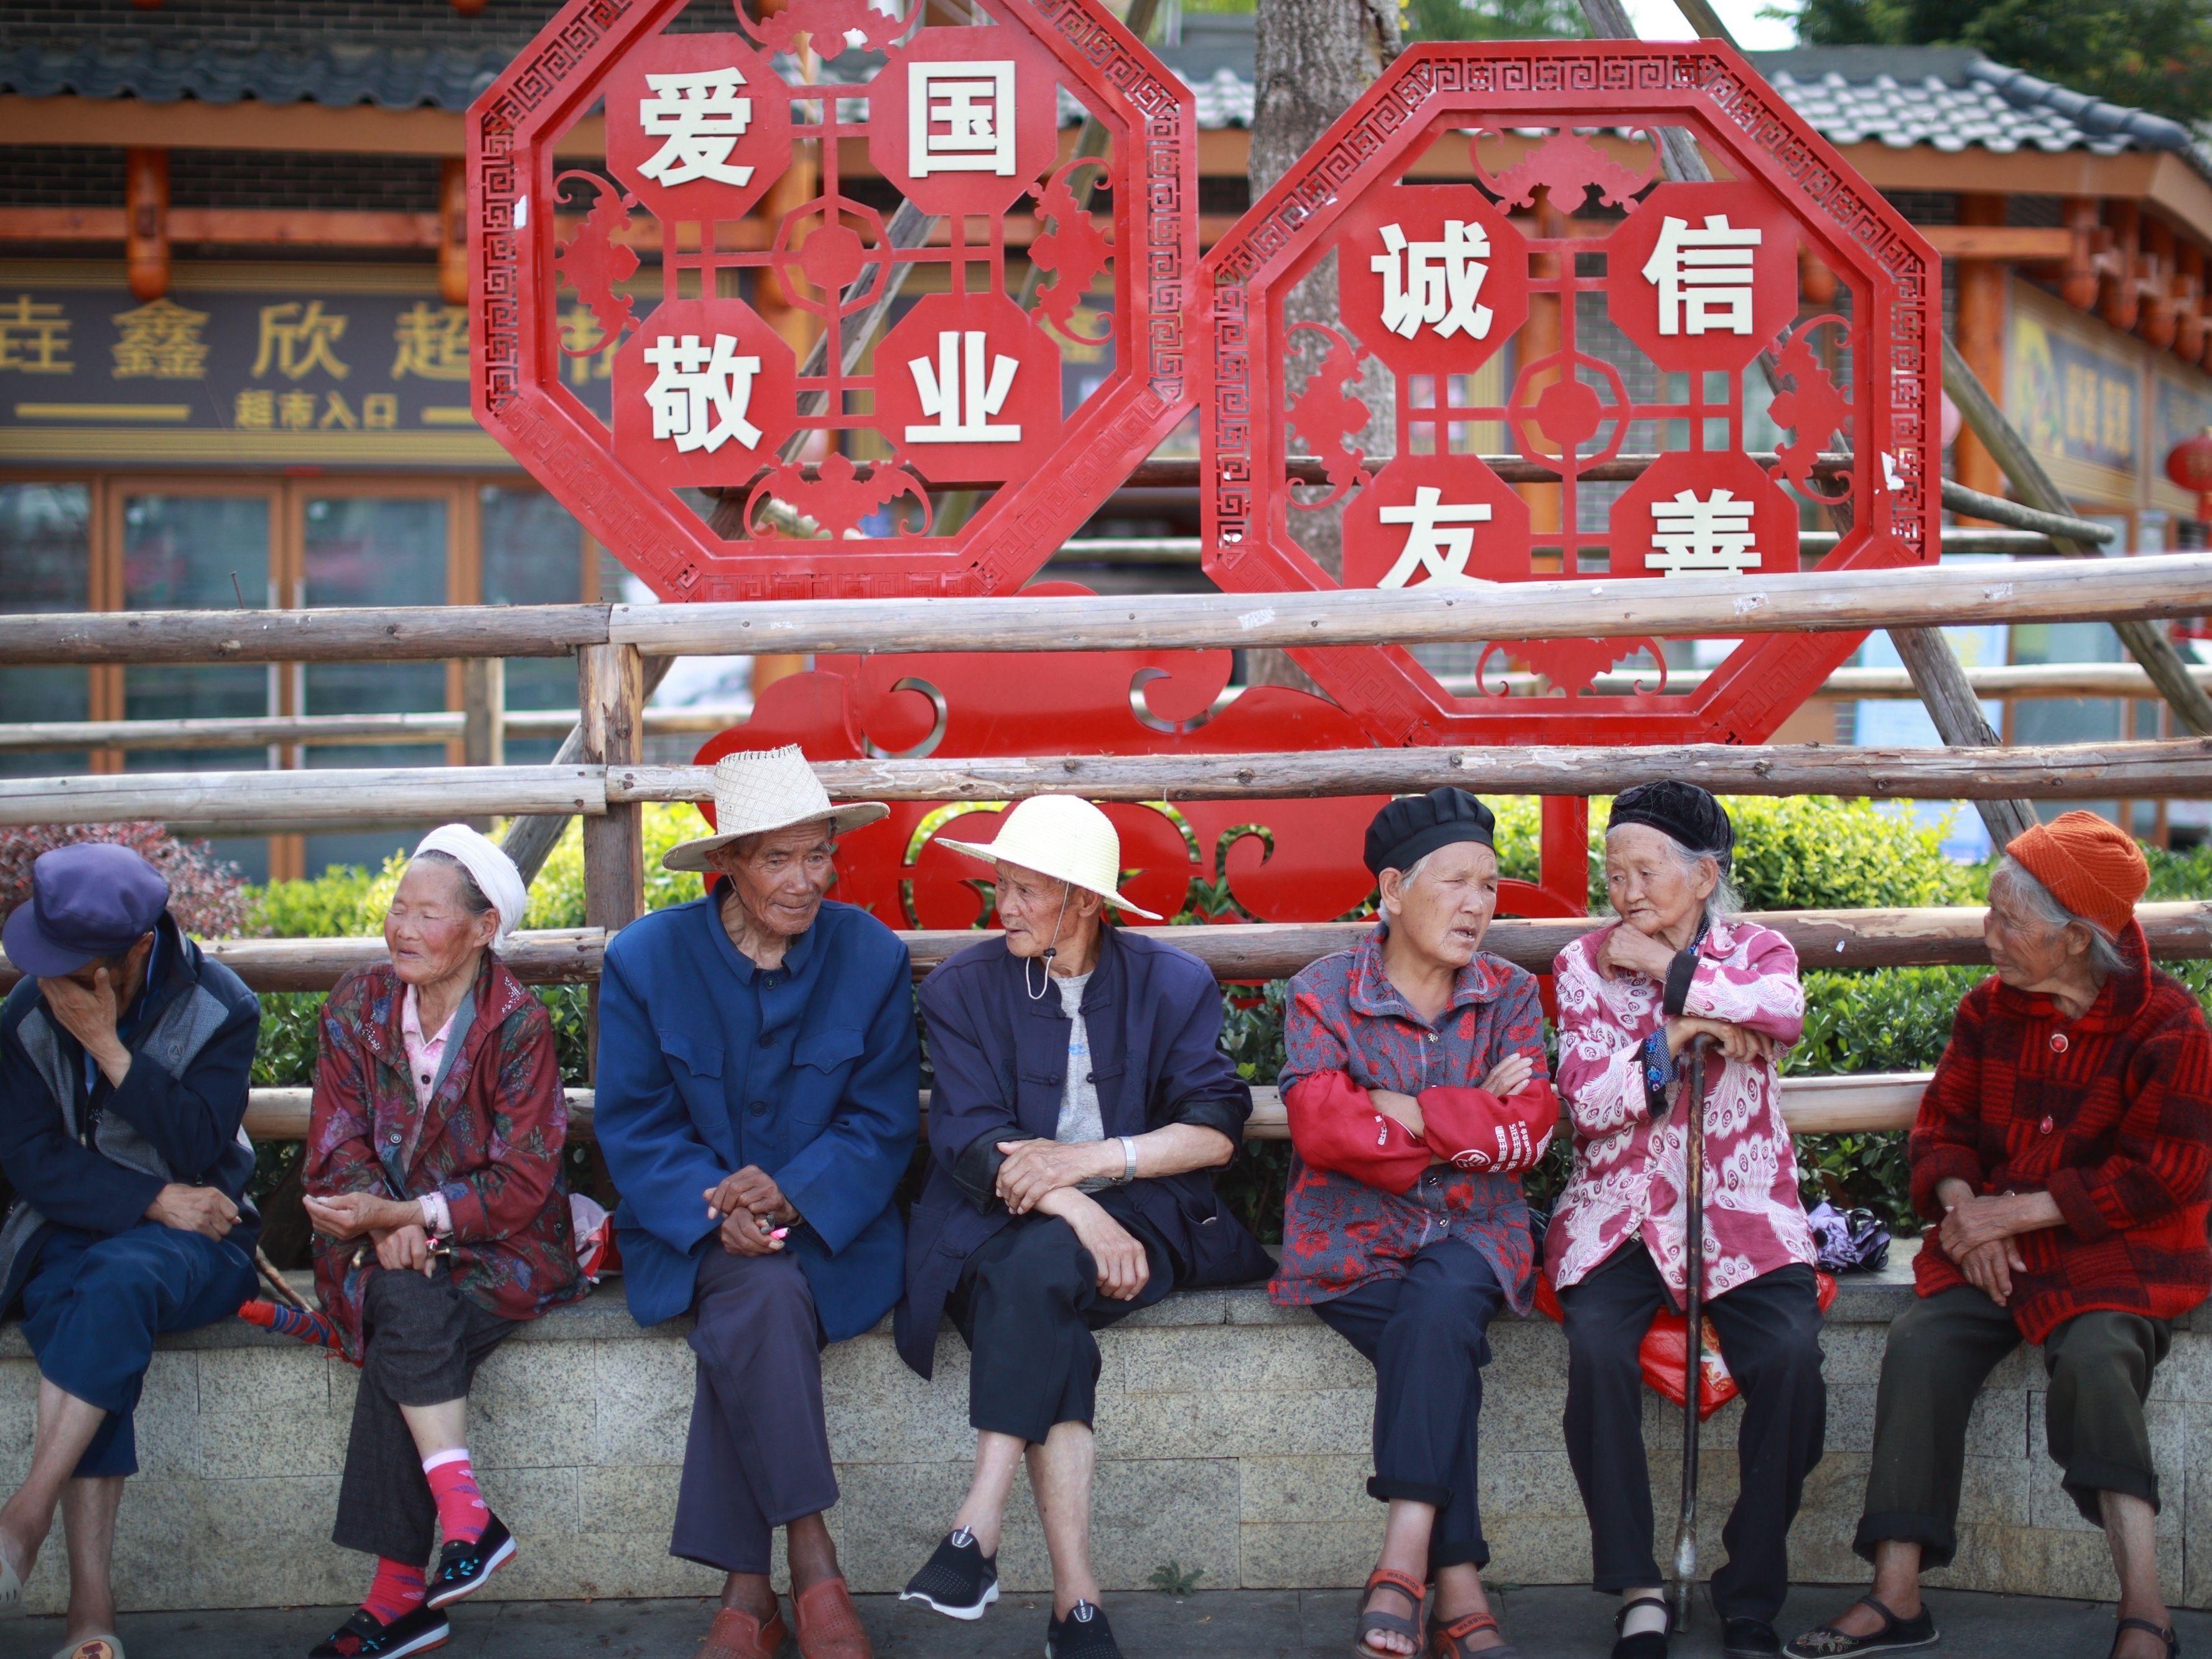 毕节:易地扶贫搬迁安置点的新生活